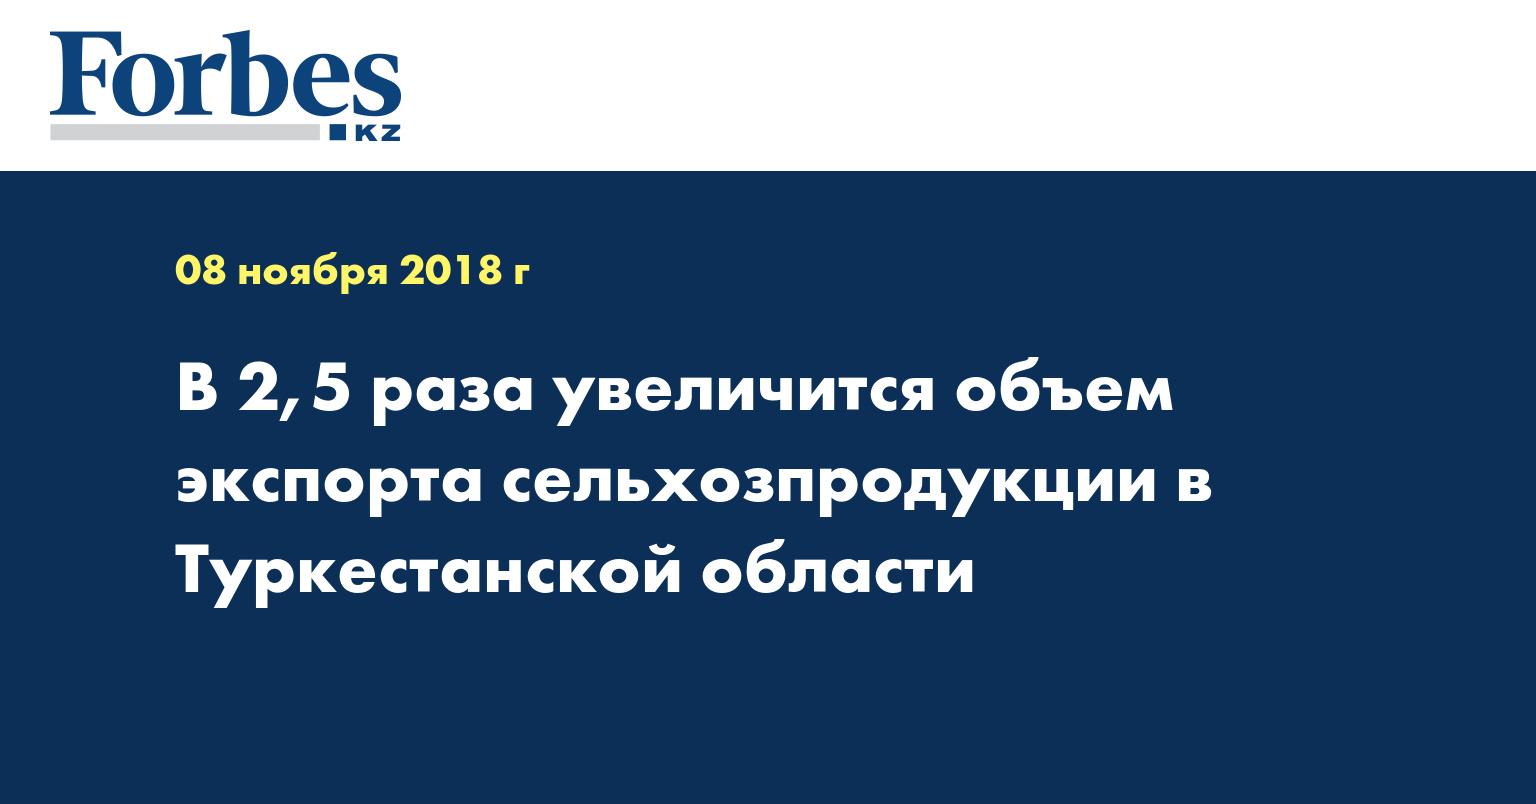 В 2,5 раза увеличится объем экспорта сельхозпродукции в Туркестанской области